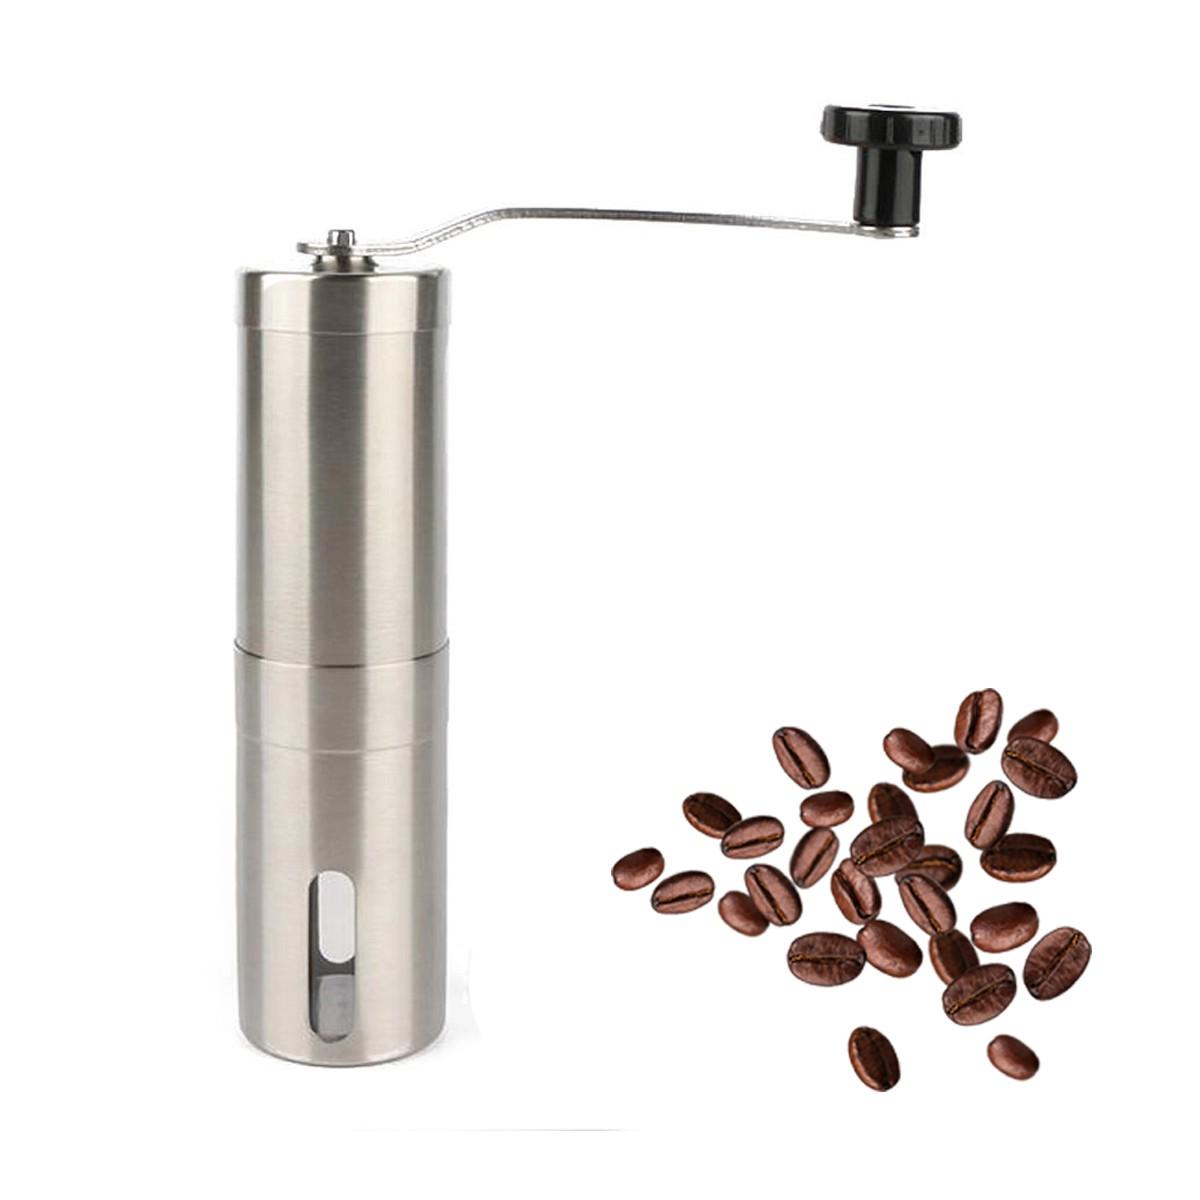 Filtro Coador de Café de Aço Inox 102 e Moedor de Café